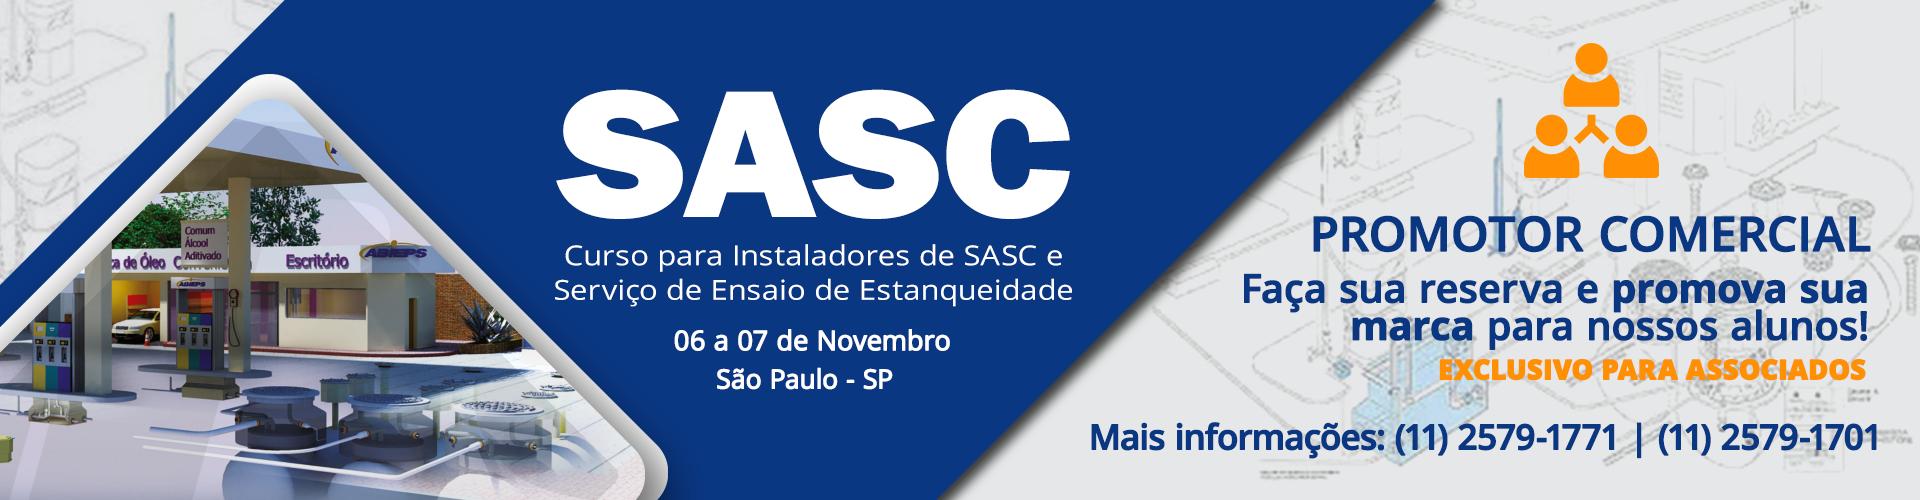 Vantagens exclusivas para associados. Curso para Instaladores de SASC e Serviço de Ensaio de Estanqueidade